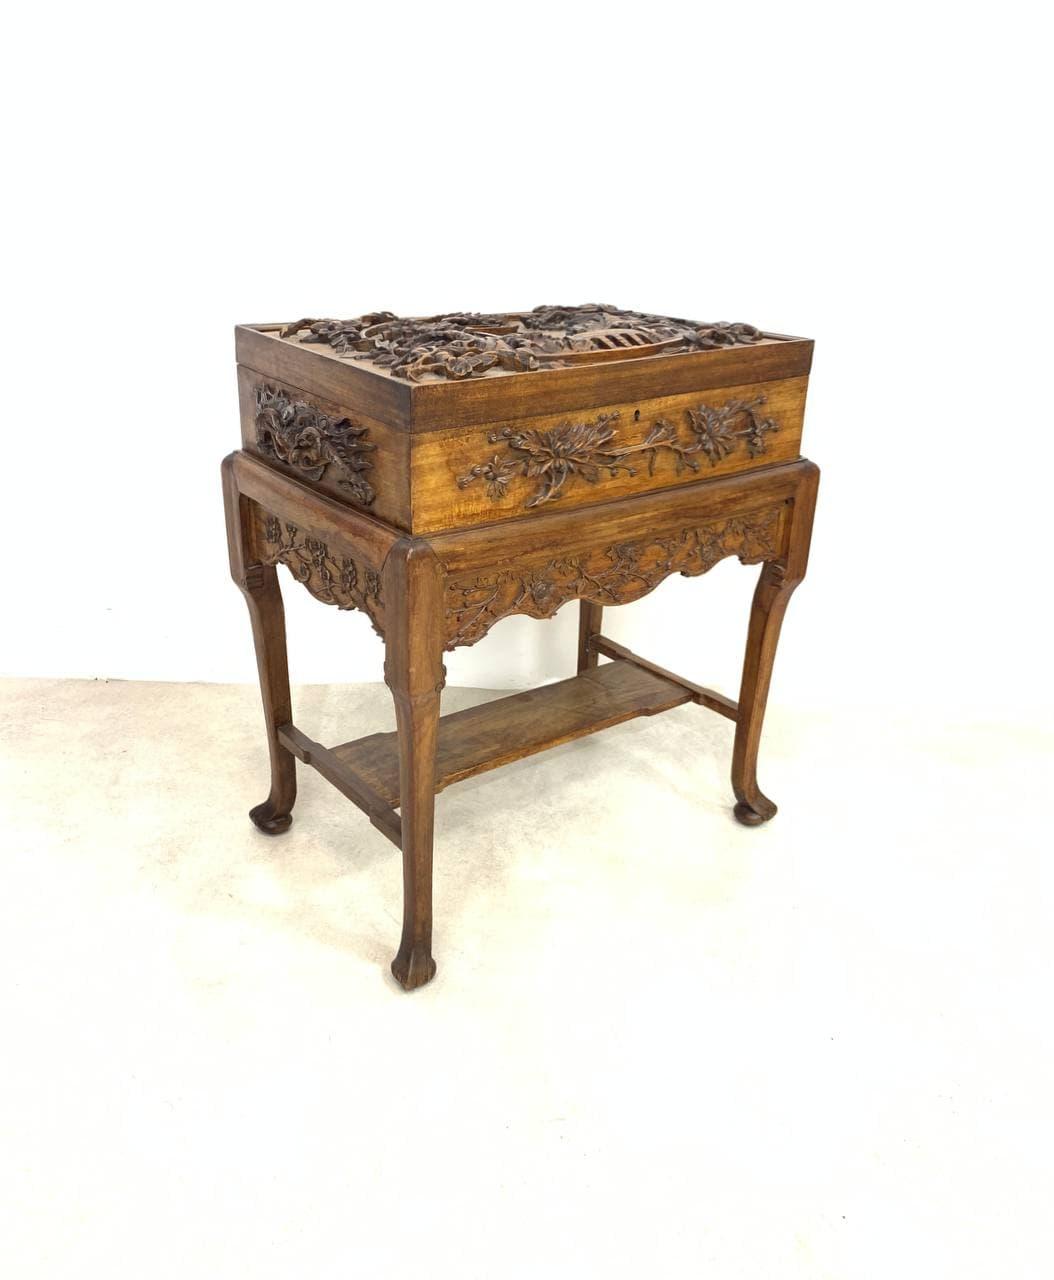 Антикварный столик для рукоделия в стиле Шинуазри